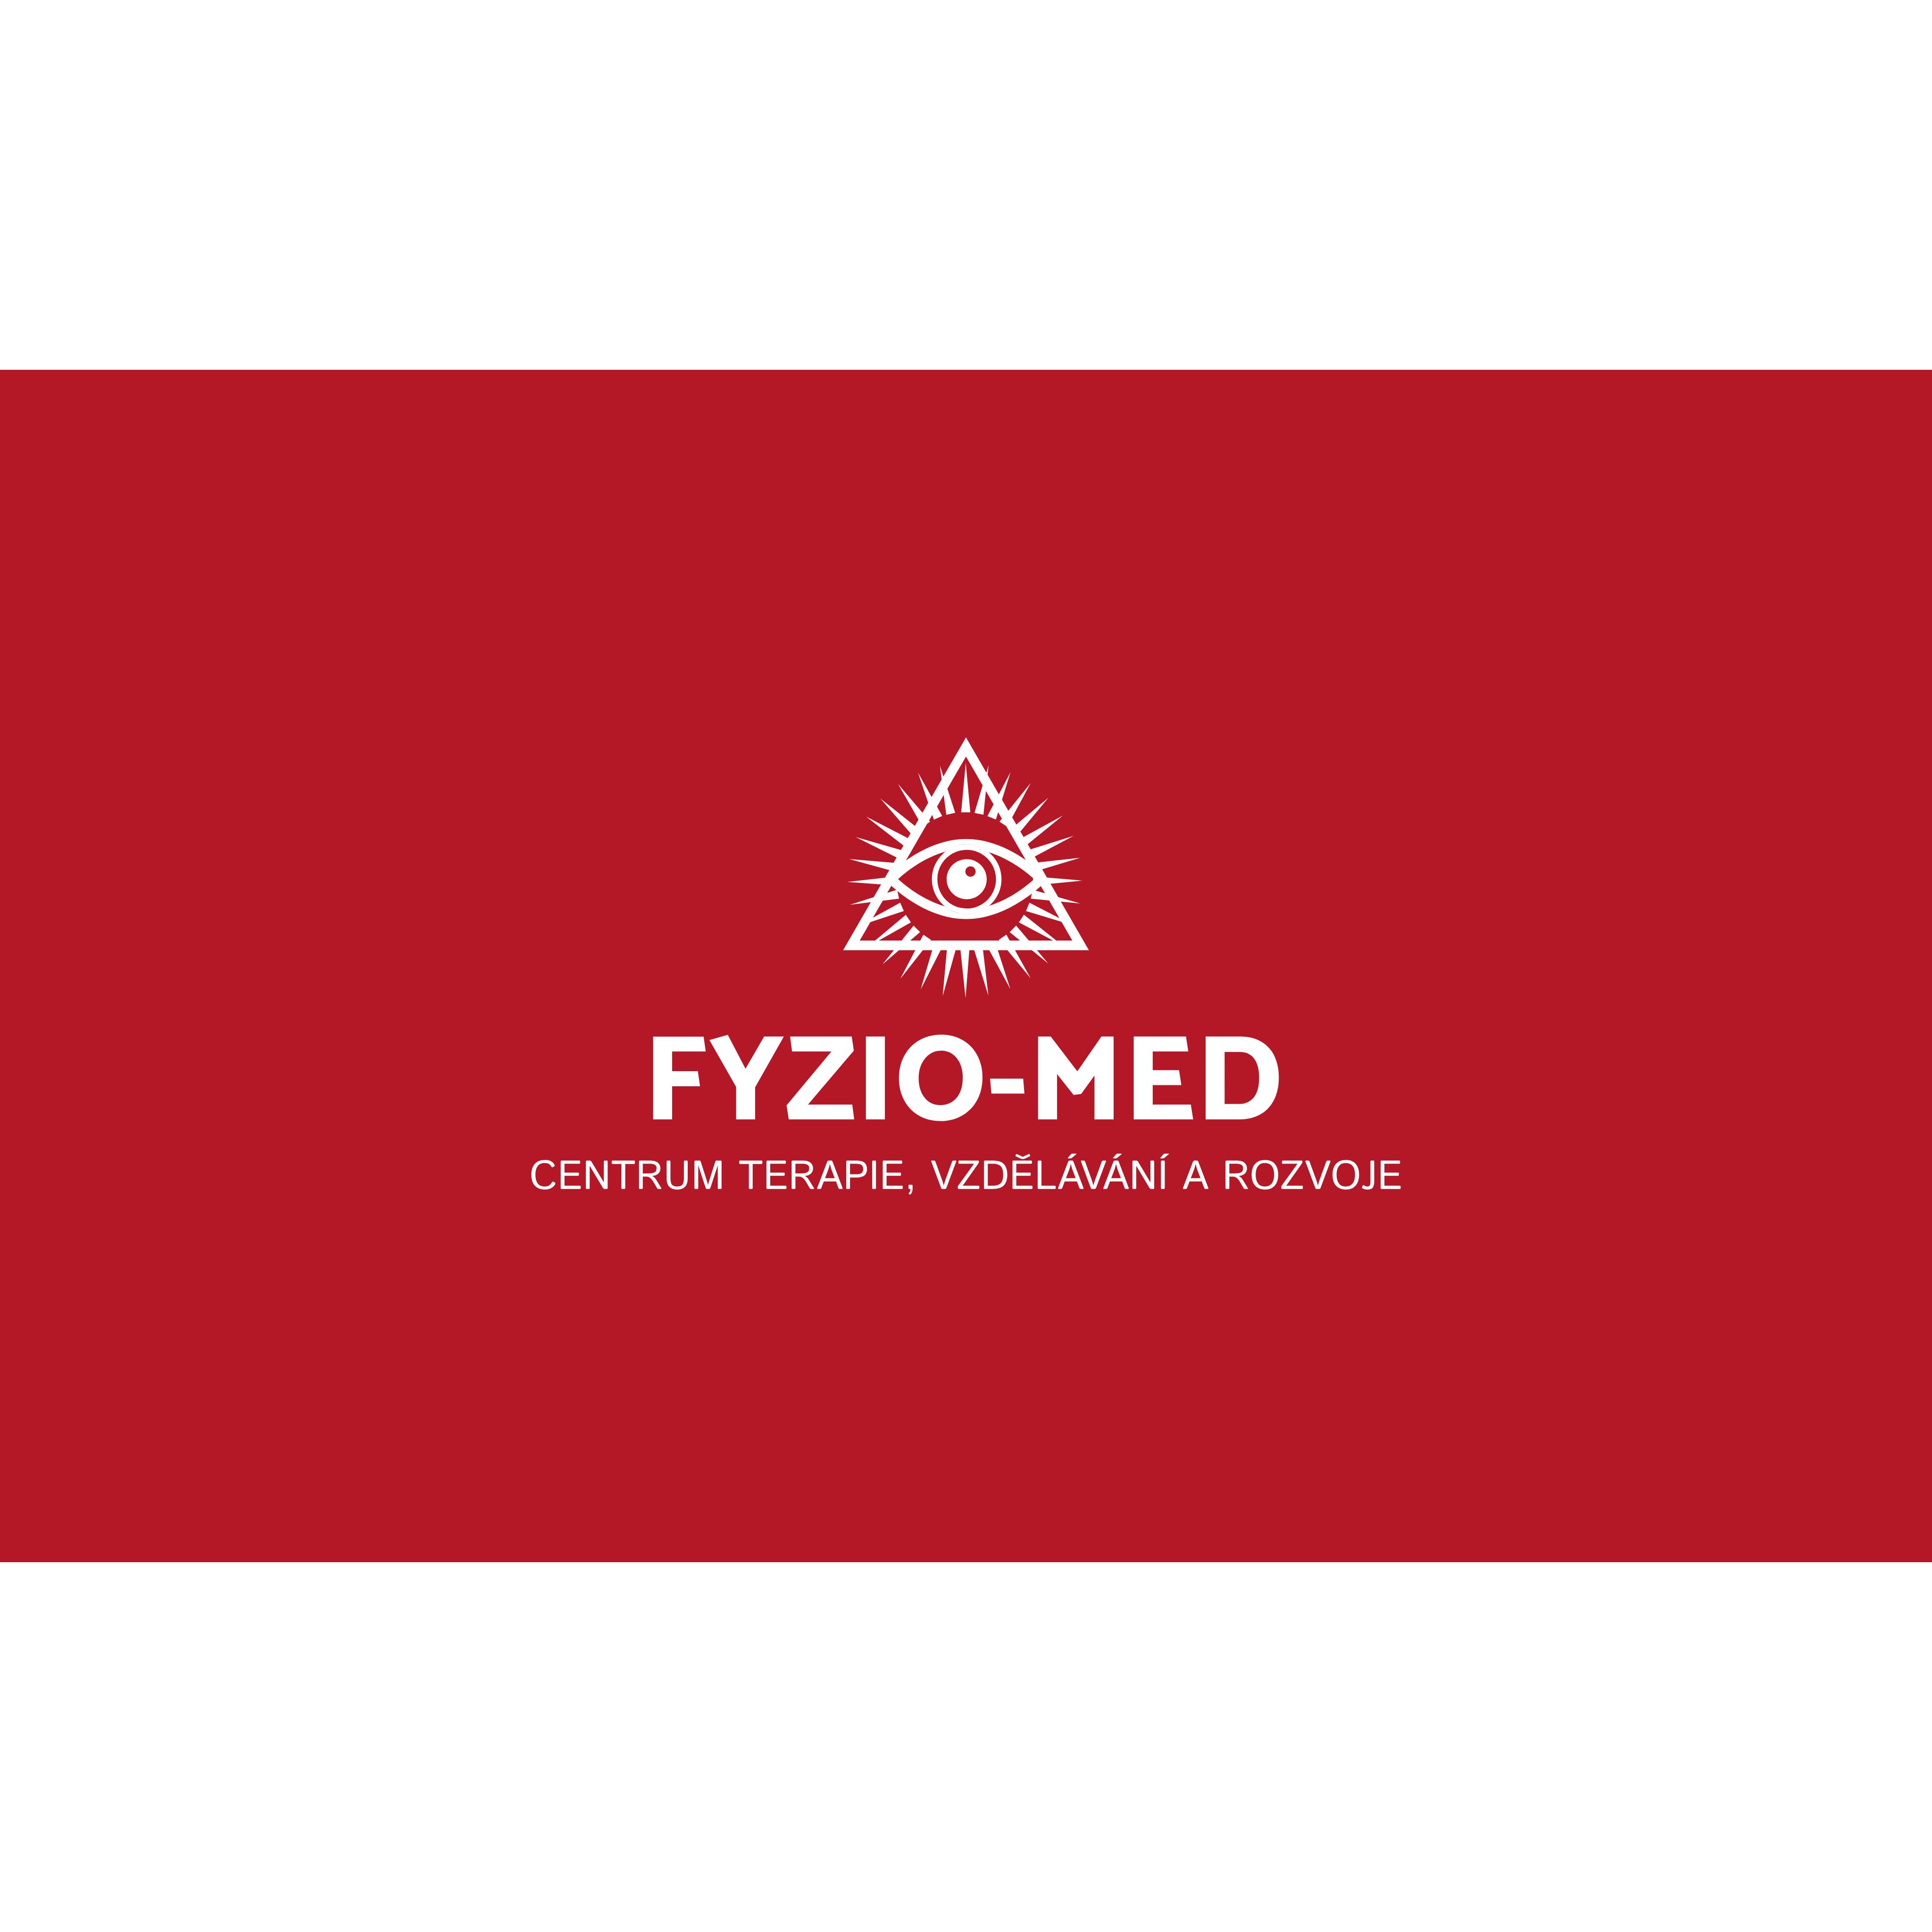 Centrum terapie, vzdělávání a rozvoje FYZIO-MED Logo